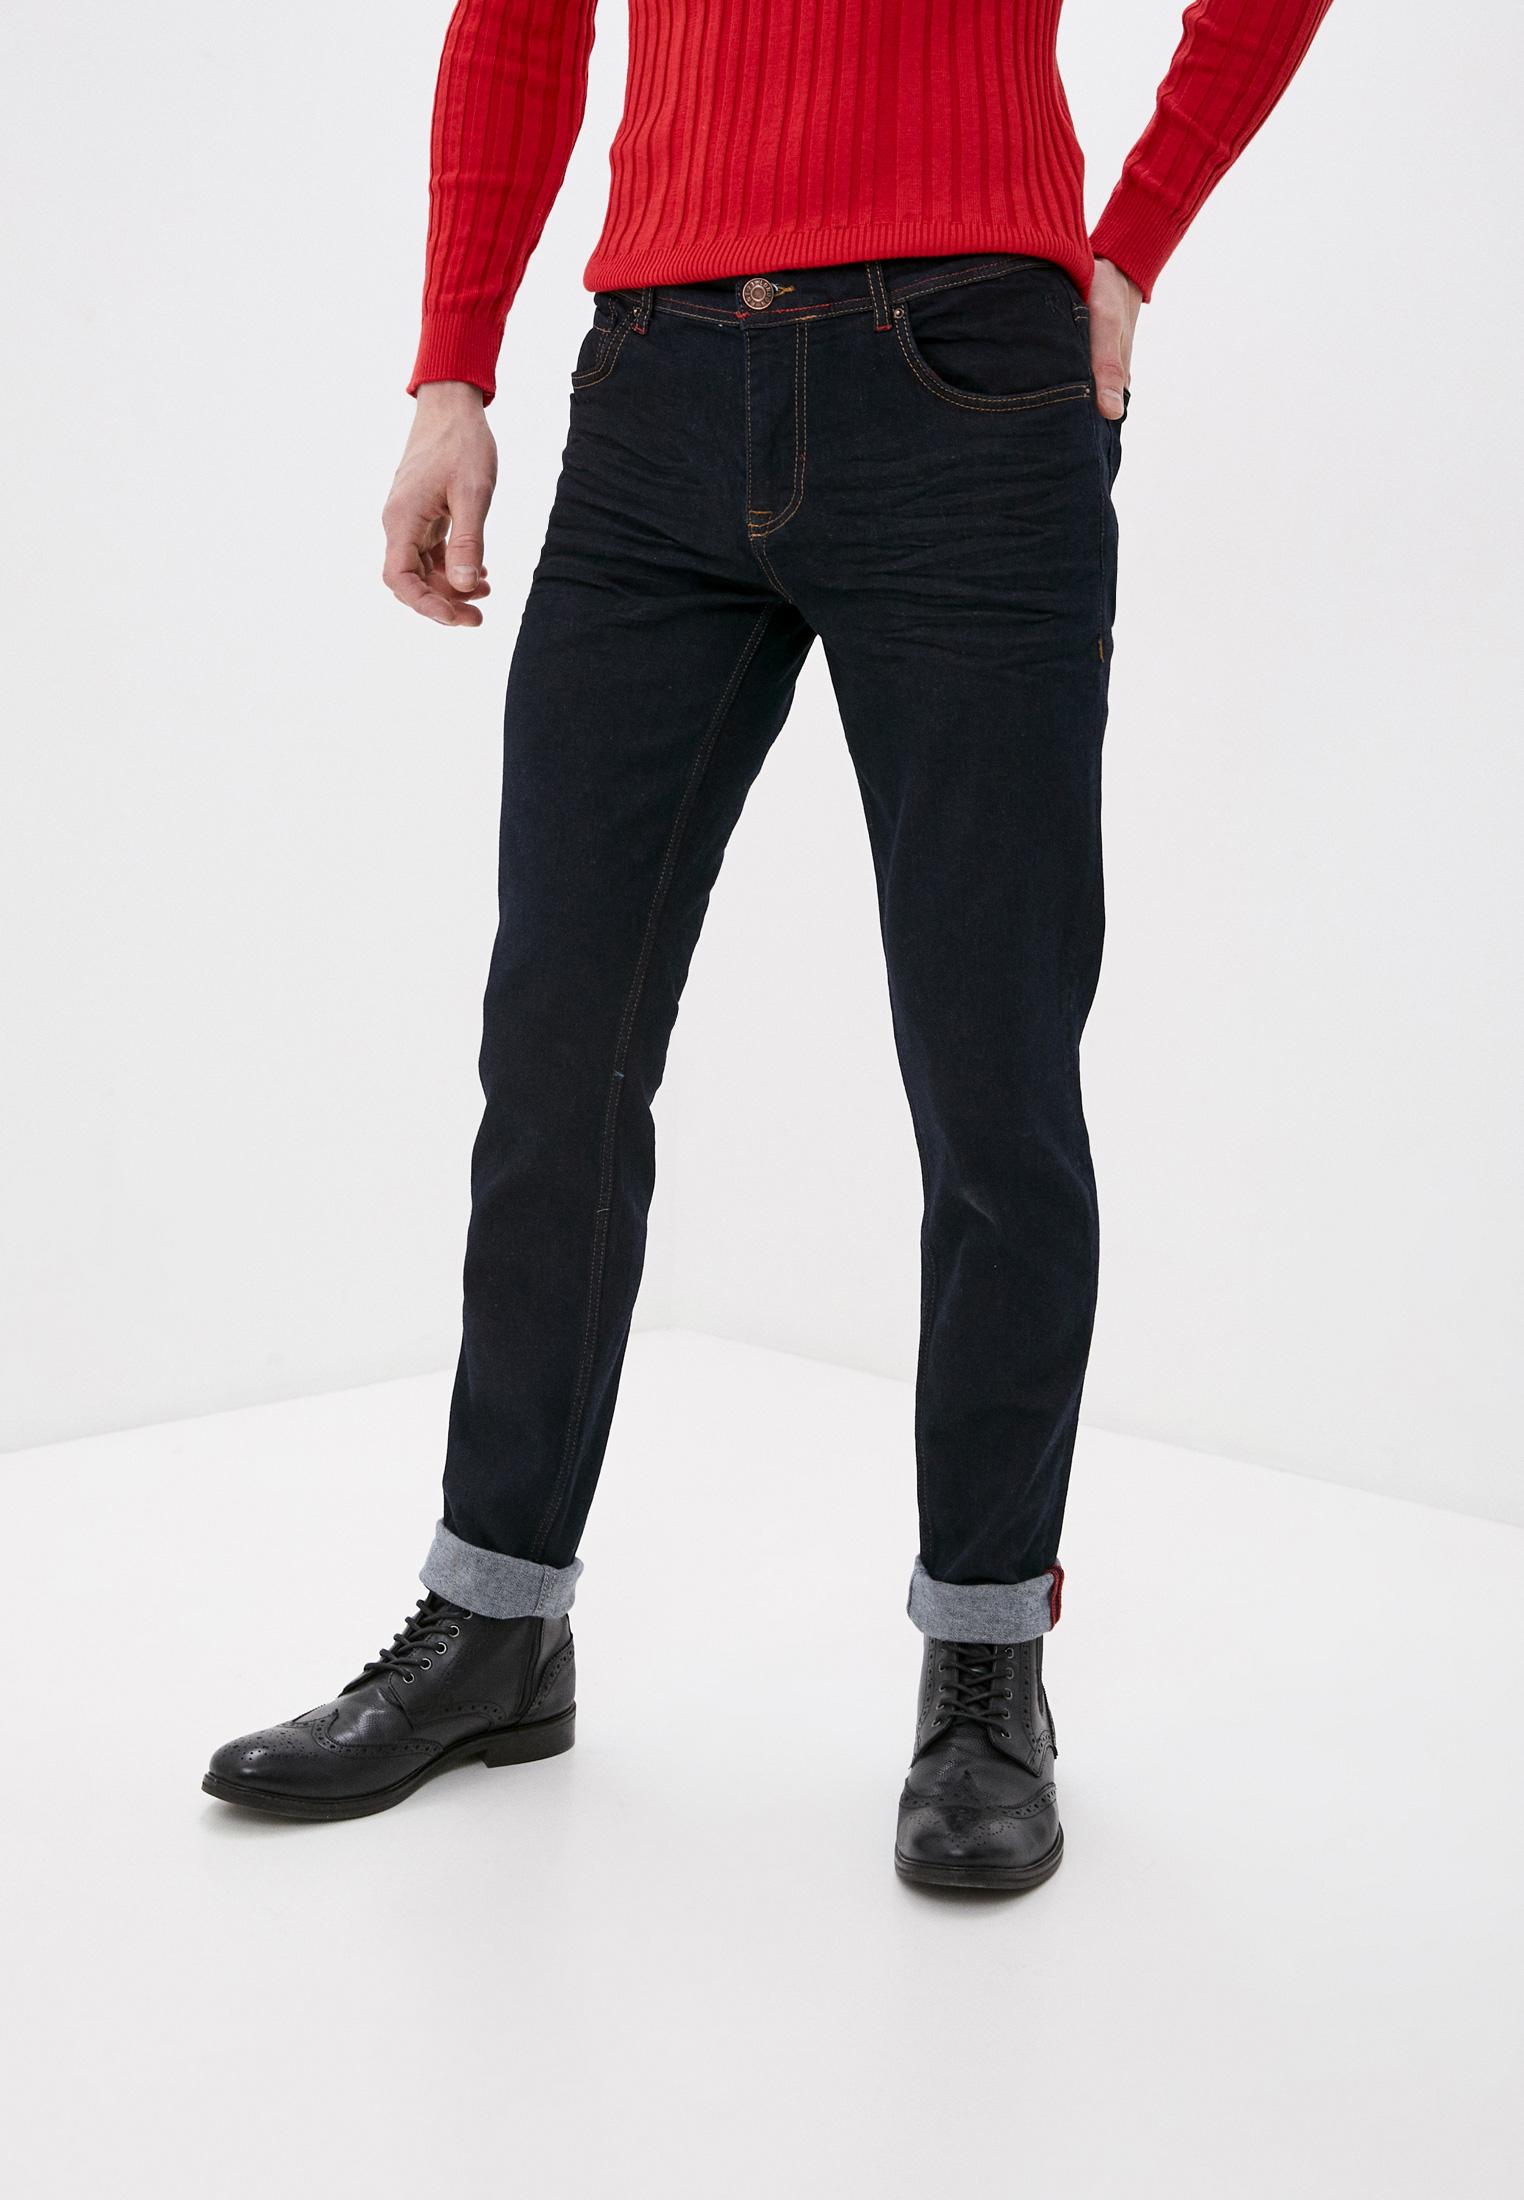 Зауженные джинсы RNT23 Джинсы RNT23